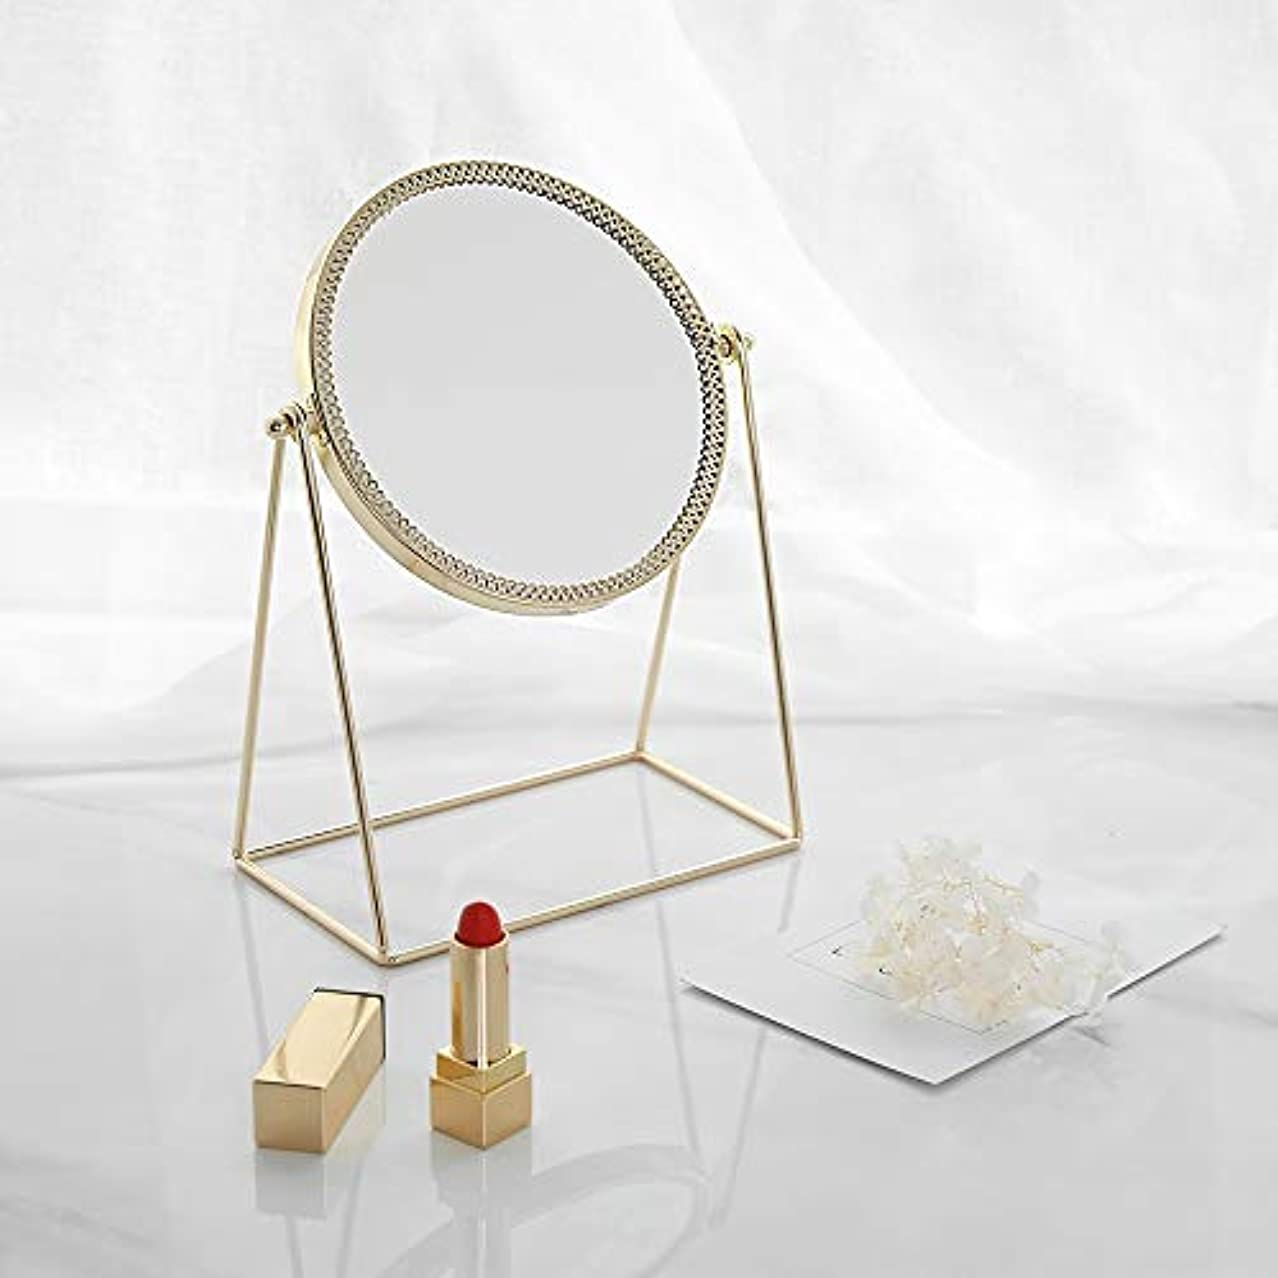 ぺディカブ相互接続断片流行の 現代の創造性ゴールドラウンドアイアンフレーム+ミラーデスクトップミラー/化粧鏡